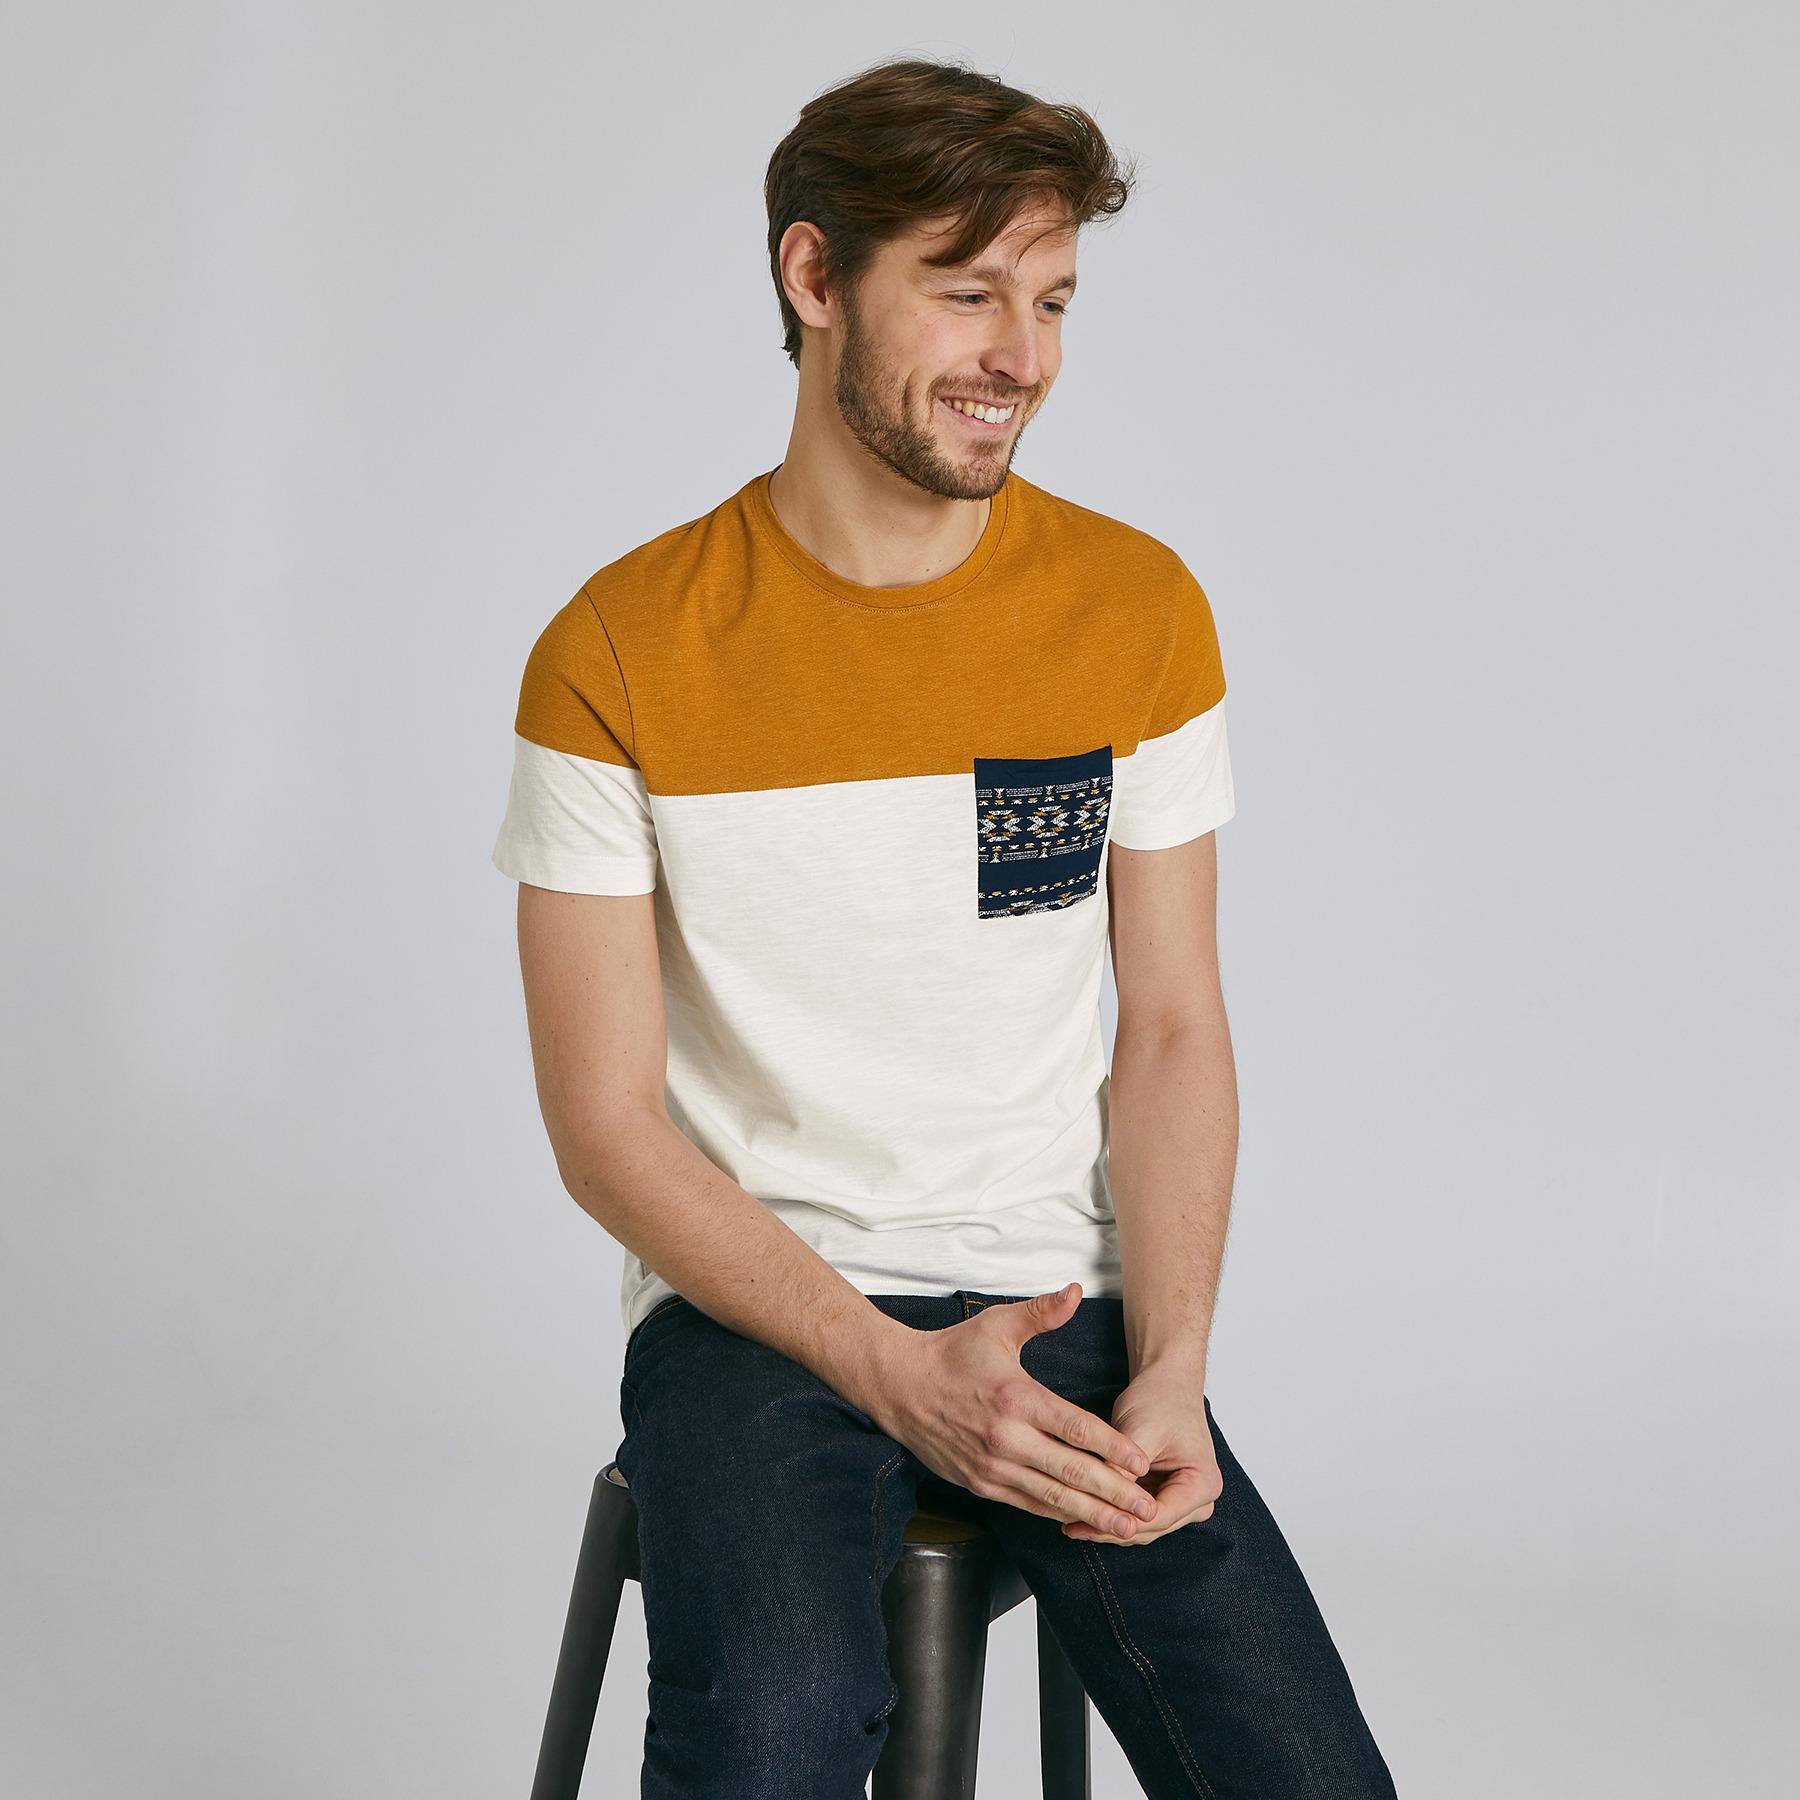 Tee shirt colorblock poche imprimée Jaune/Or Homme